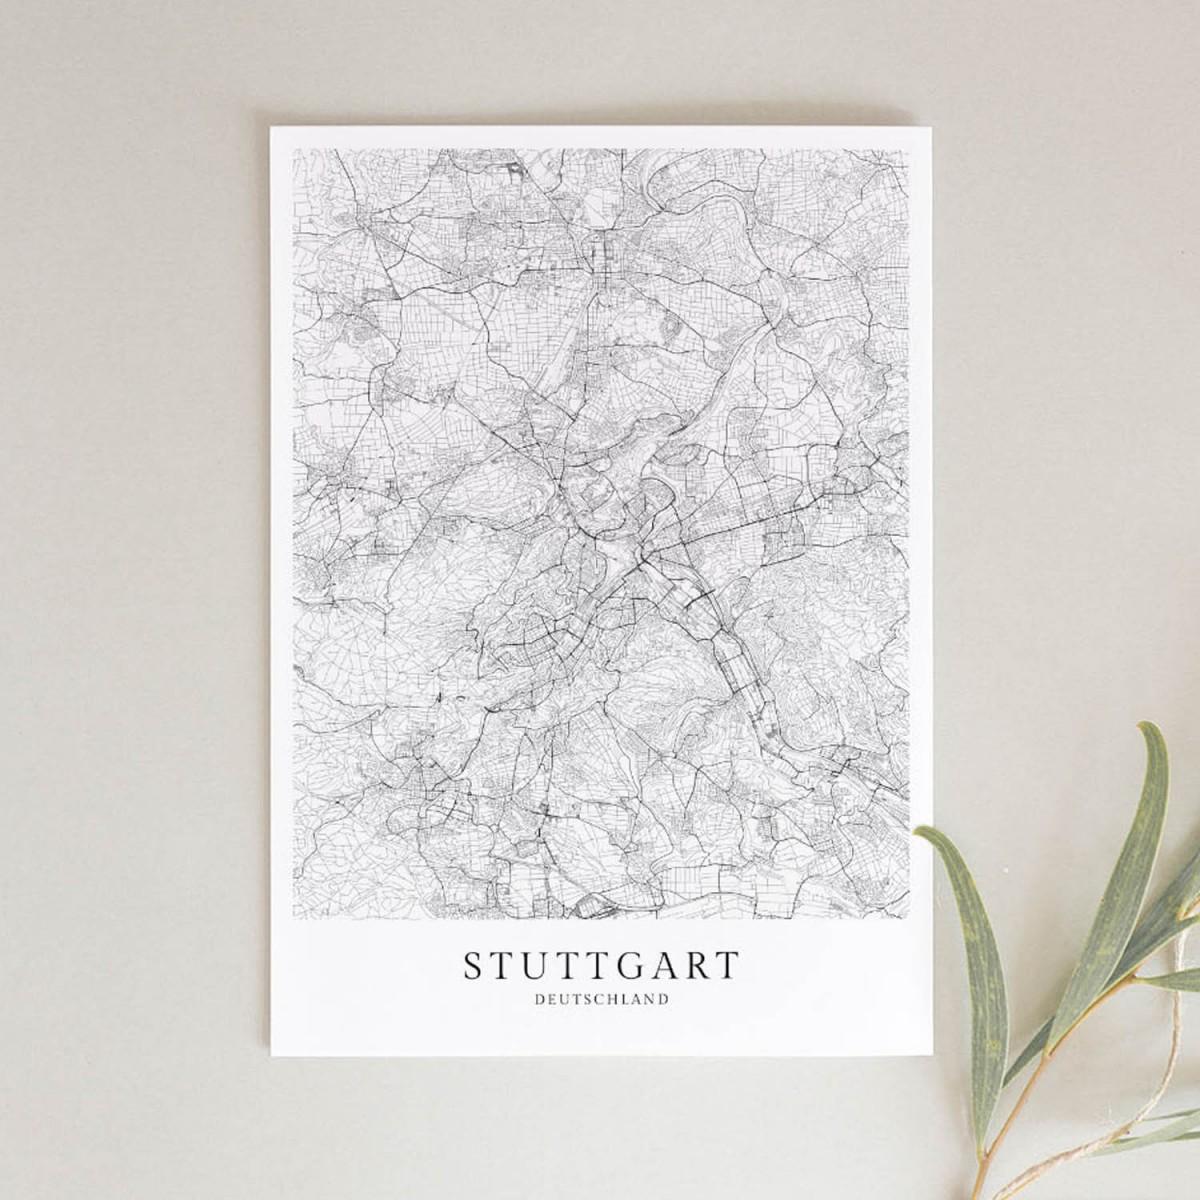 Stuttgart als hochwertiges Poster im skandinavischen Stil von Skanemarie